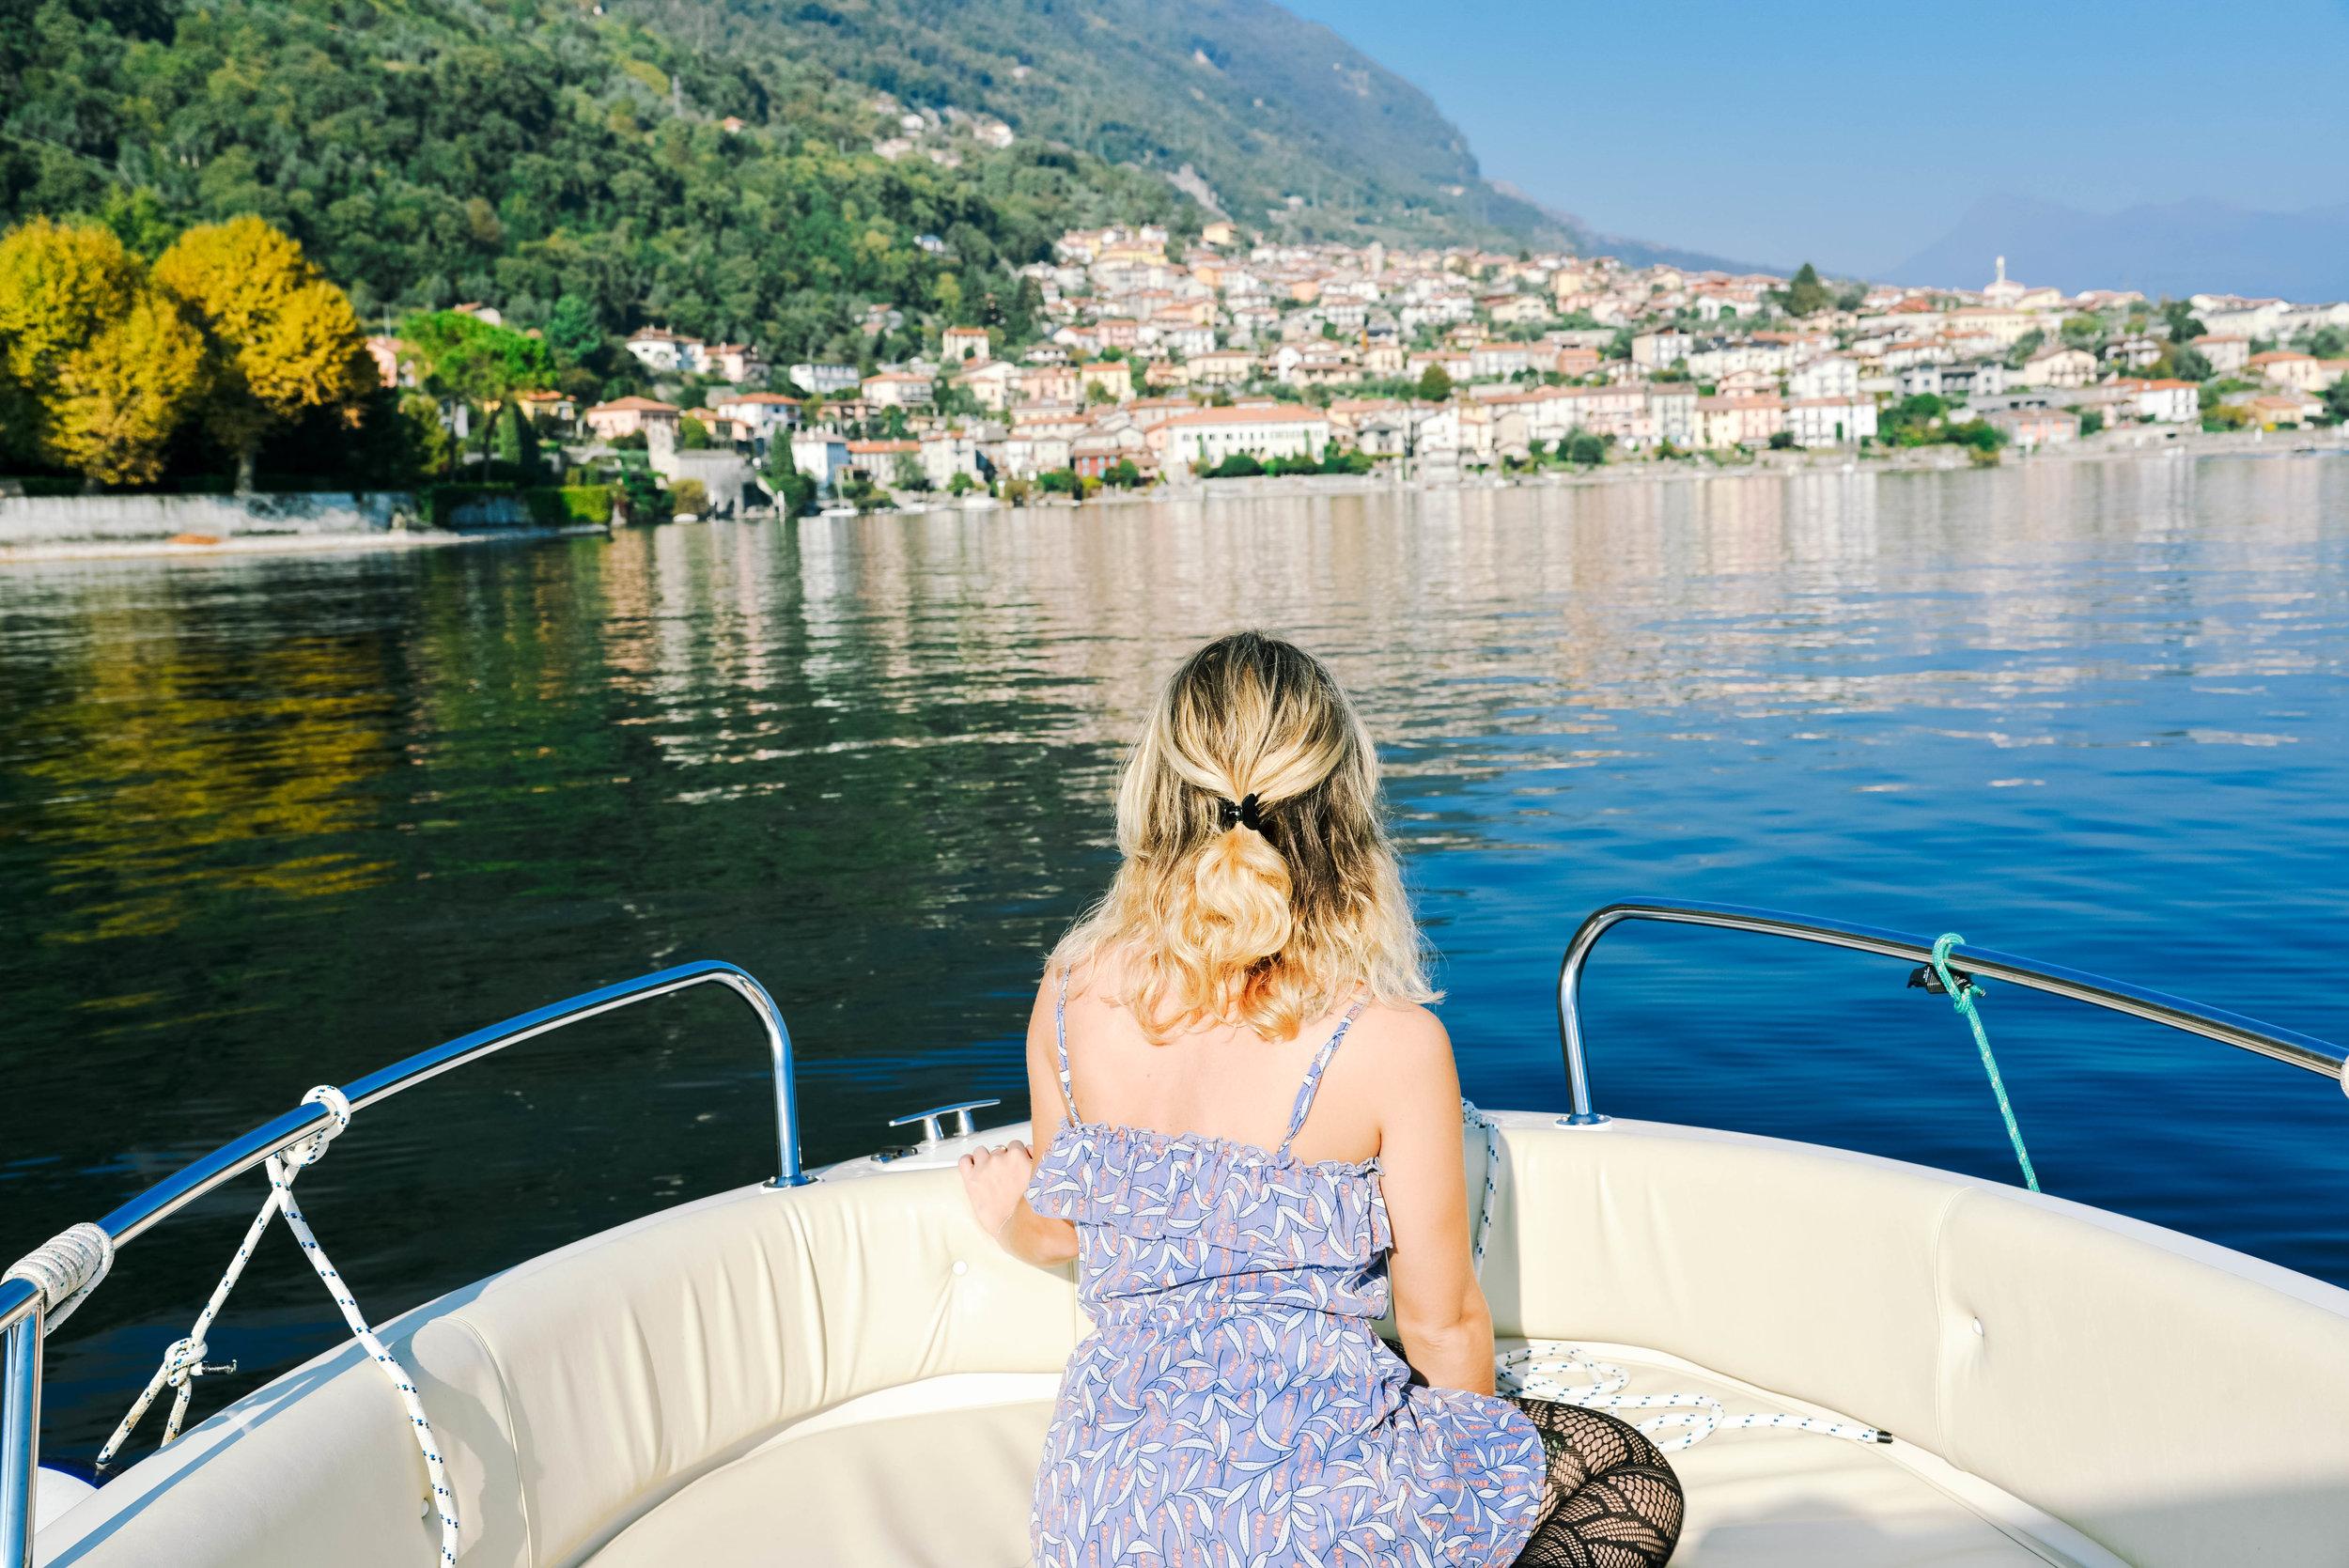 Enjoying Lake Como by boat